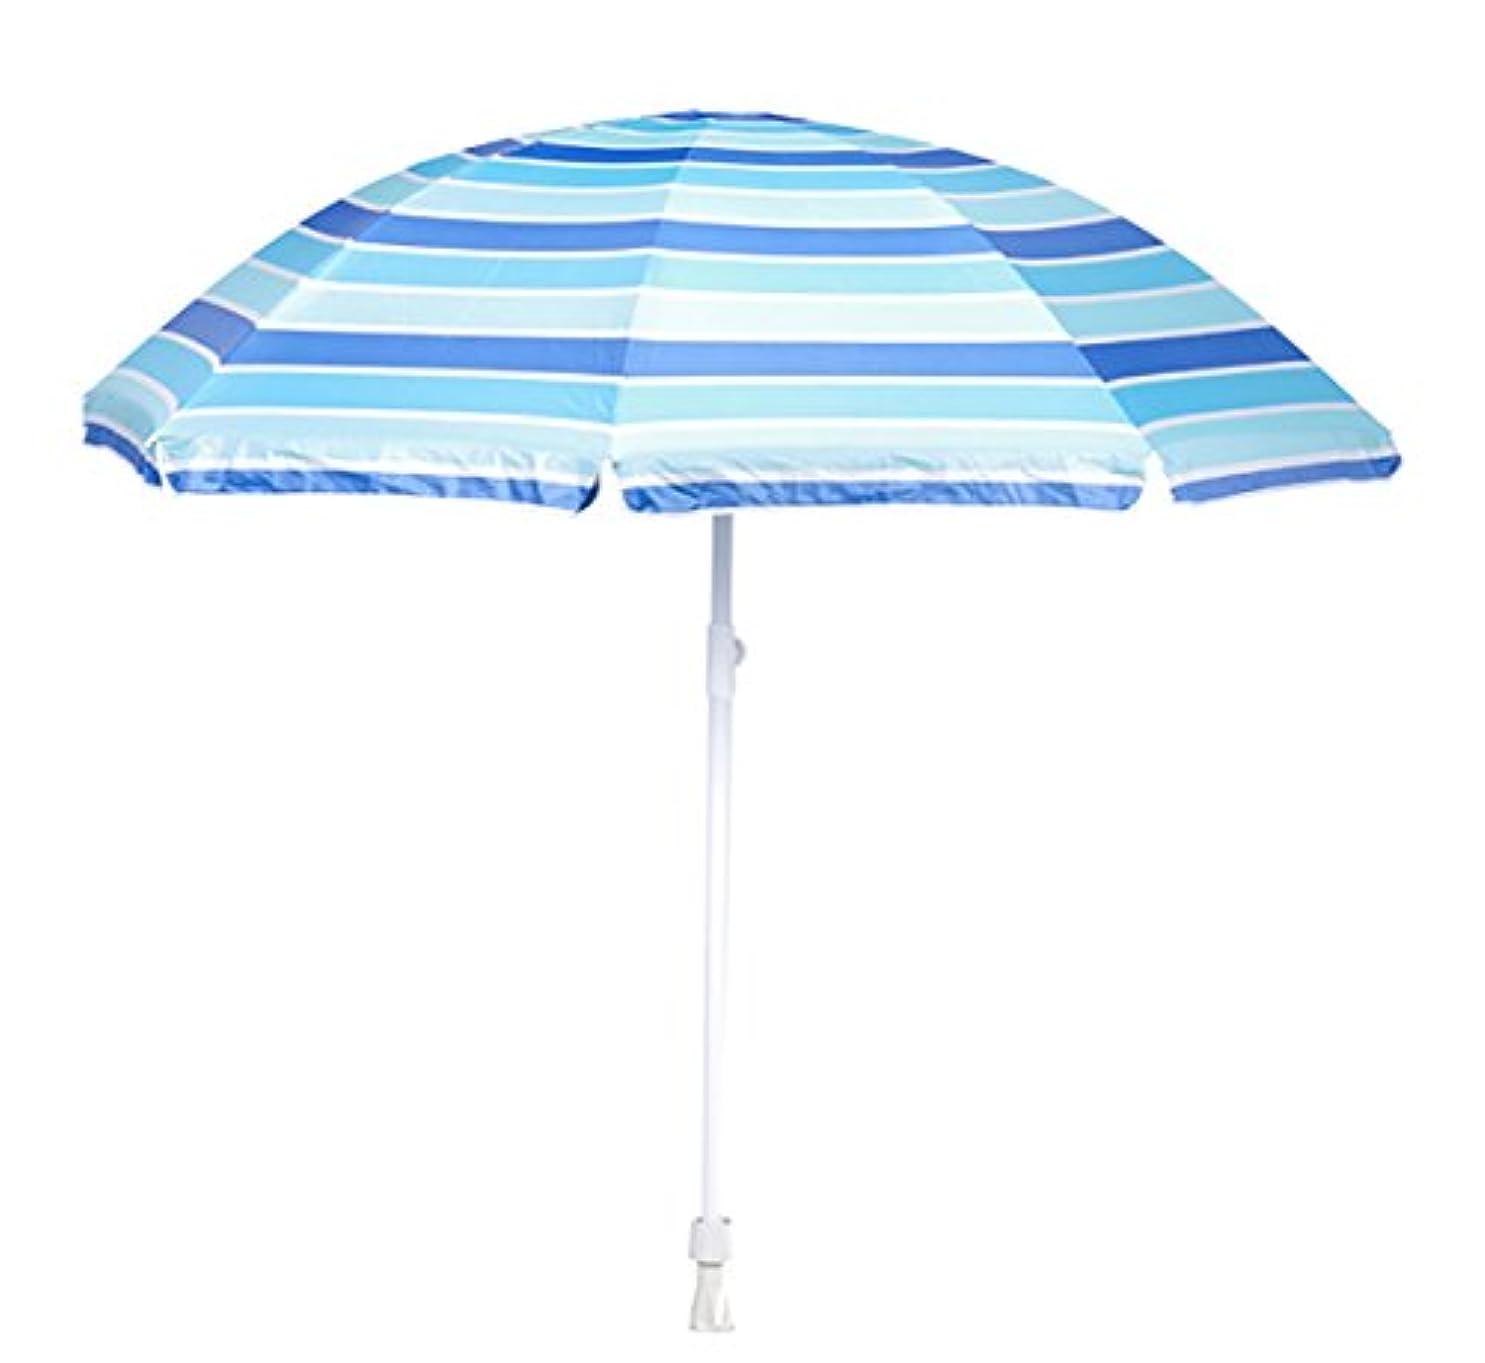 許さないごちそう現代の夏のレジャーに欠かせない紫外線対策アイテム Go Beach ビーチパラソル